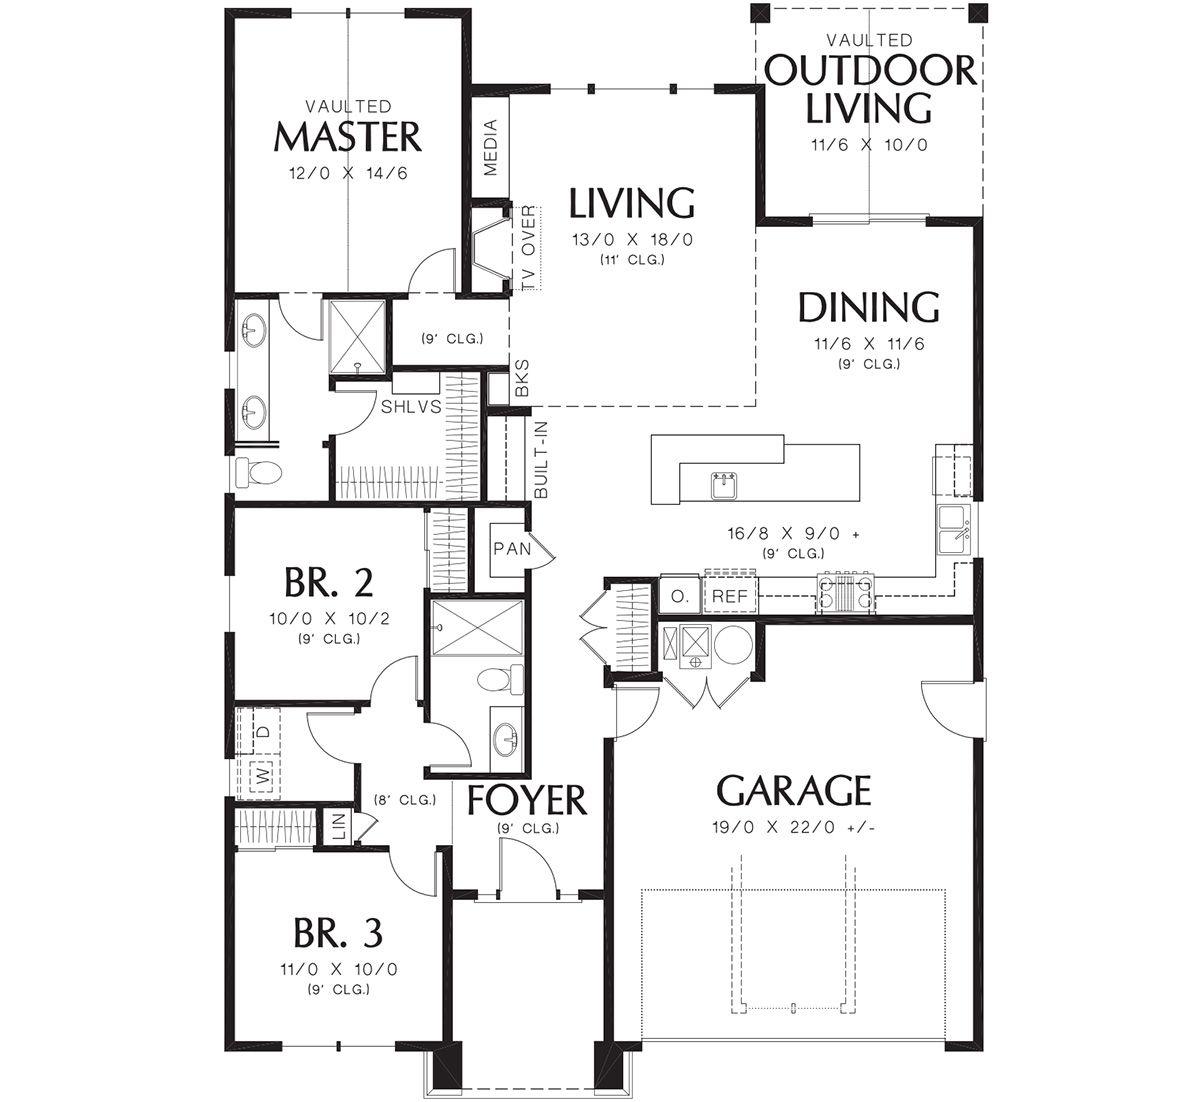 House Plan 2559 00679 Craftsman Plan 1 529 Square Feet 3 Bedrooms 2 Bathrooms Narrow House Plans House Plans How To Plan